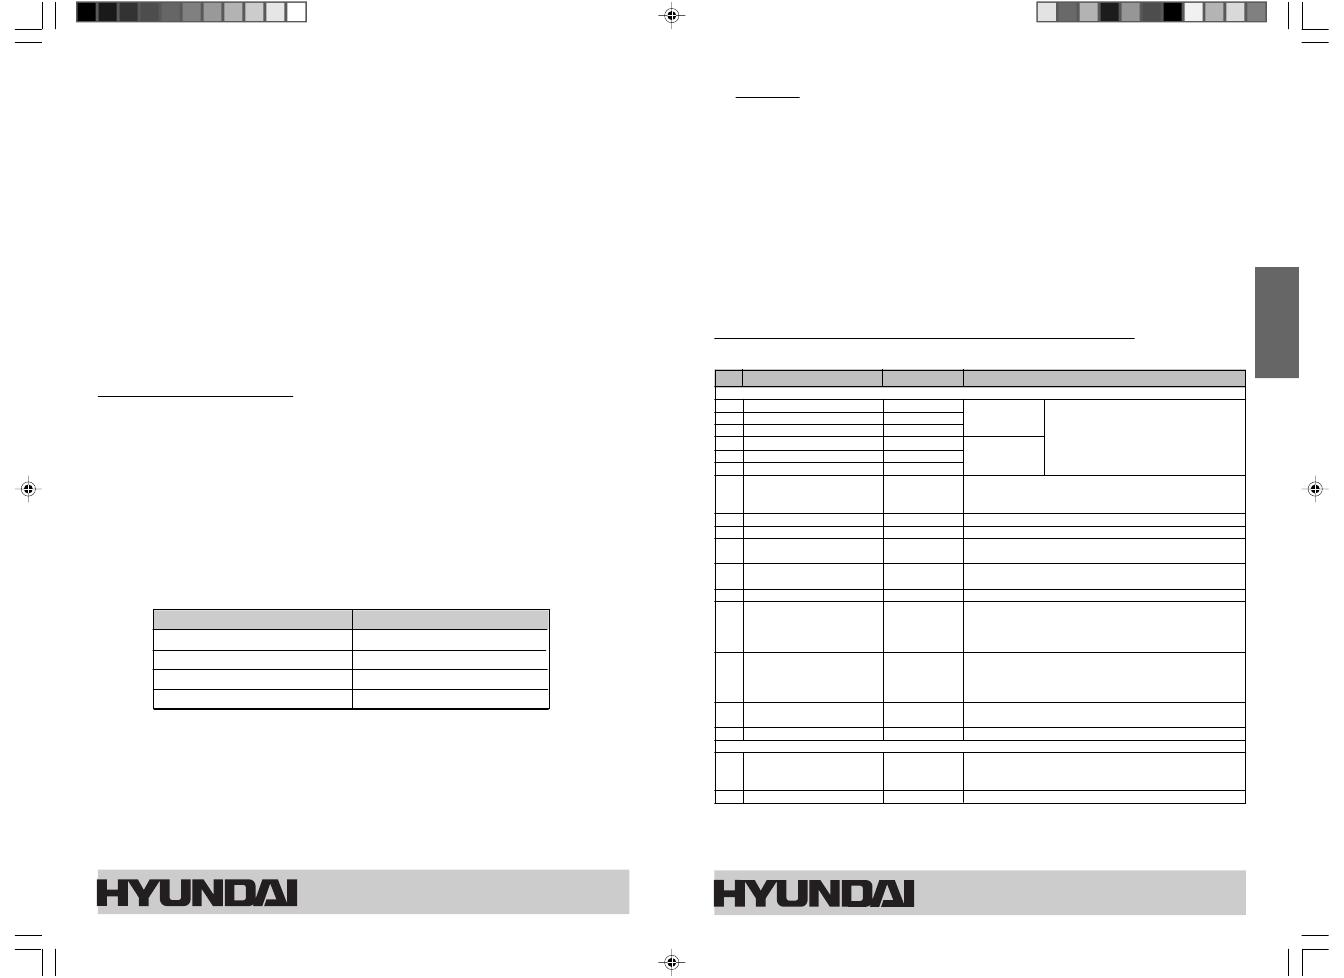 схема подключения сигналізації пантера slk2i